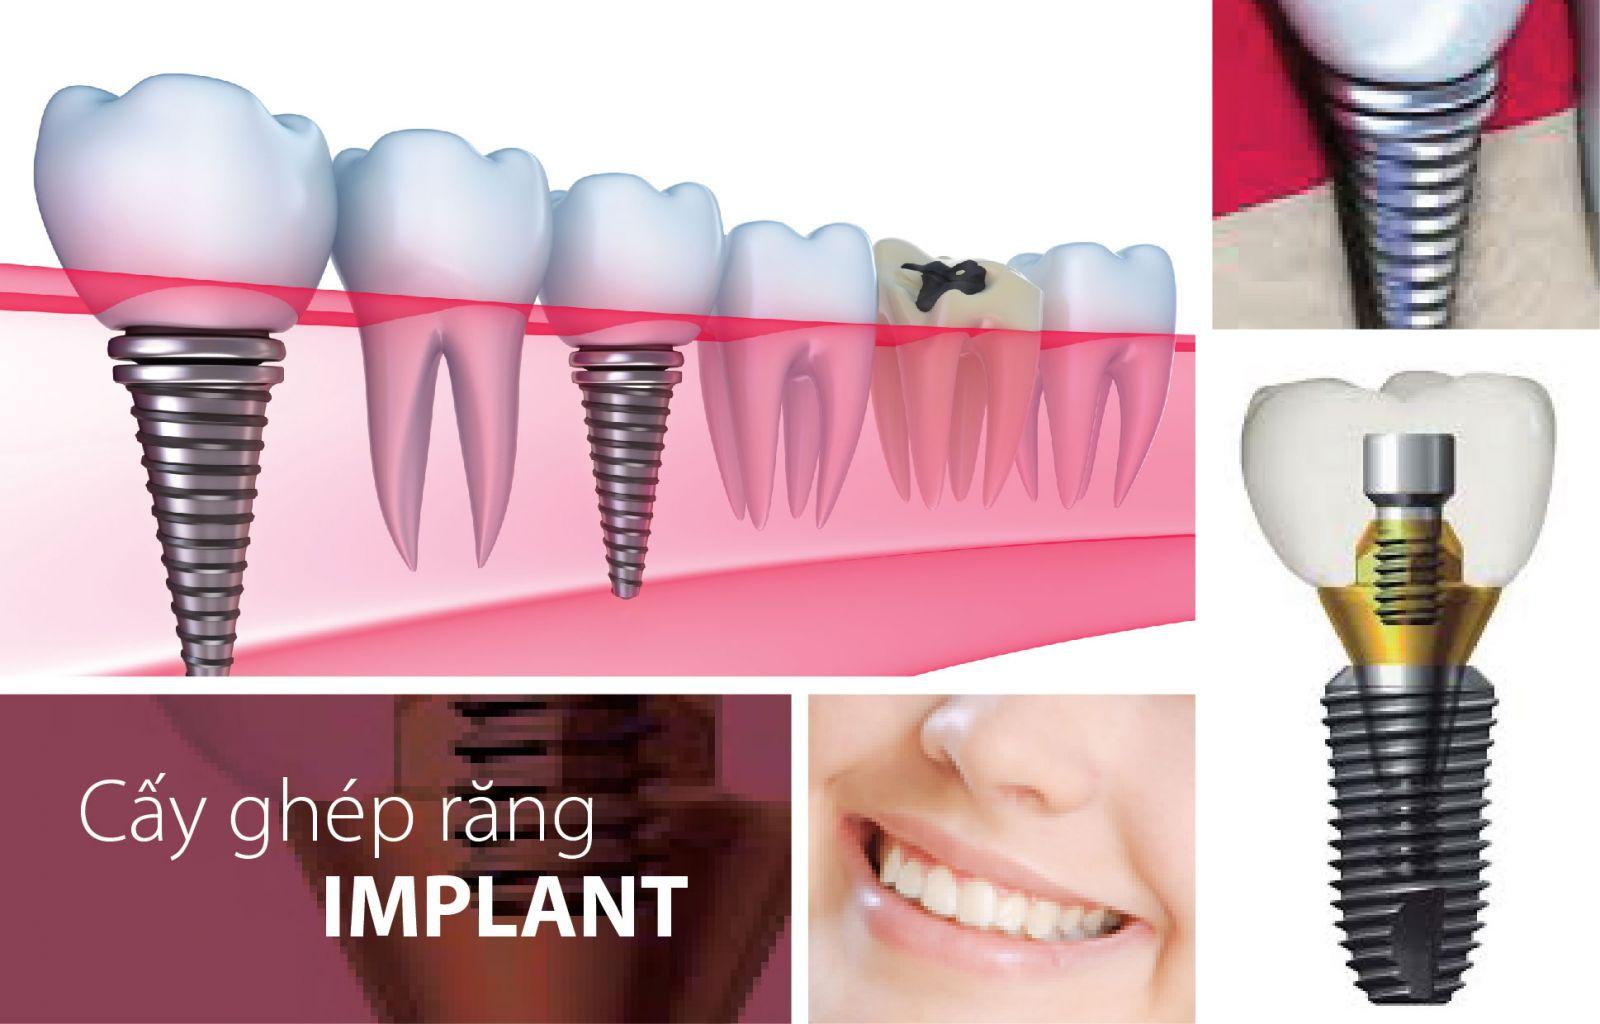 Quy trình cấy ghép implant ra sao? 1